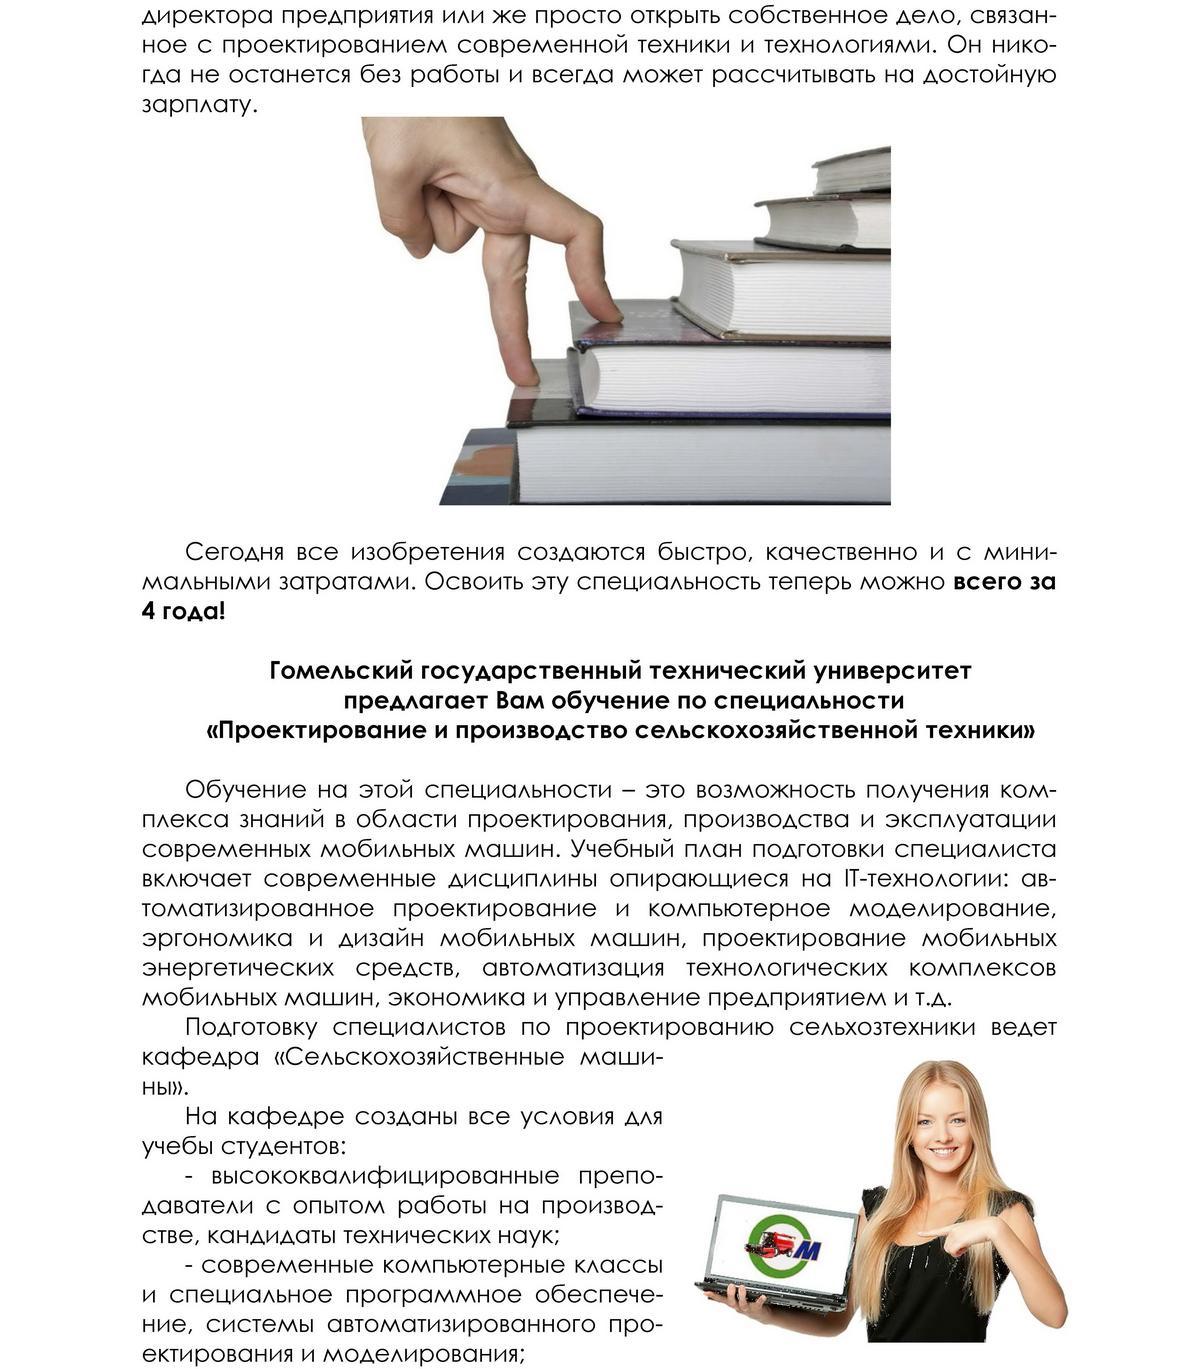 Специальность «Проектирование и производство сельскохозяйственной техники» 2